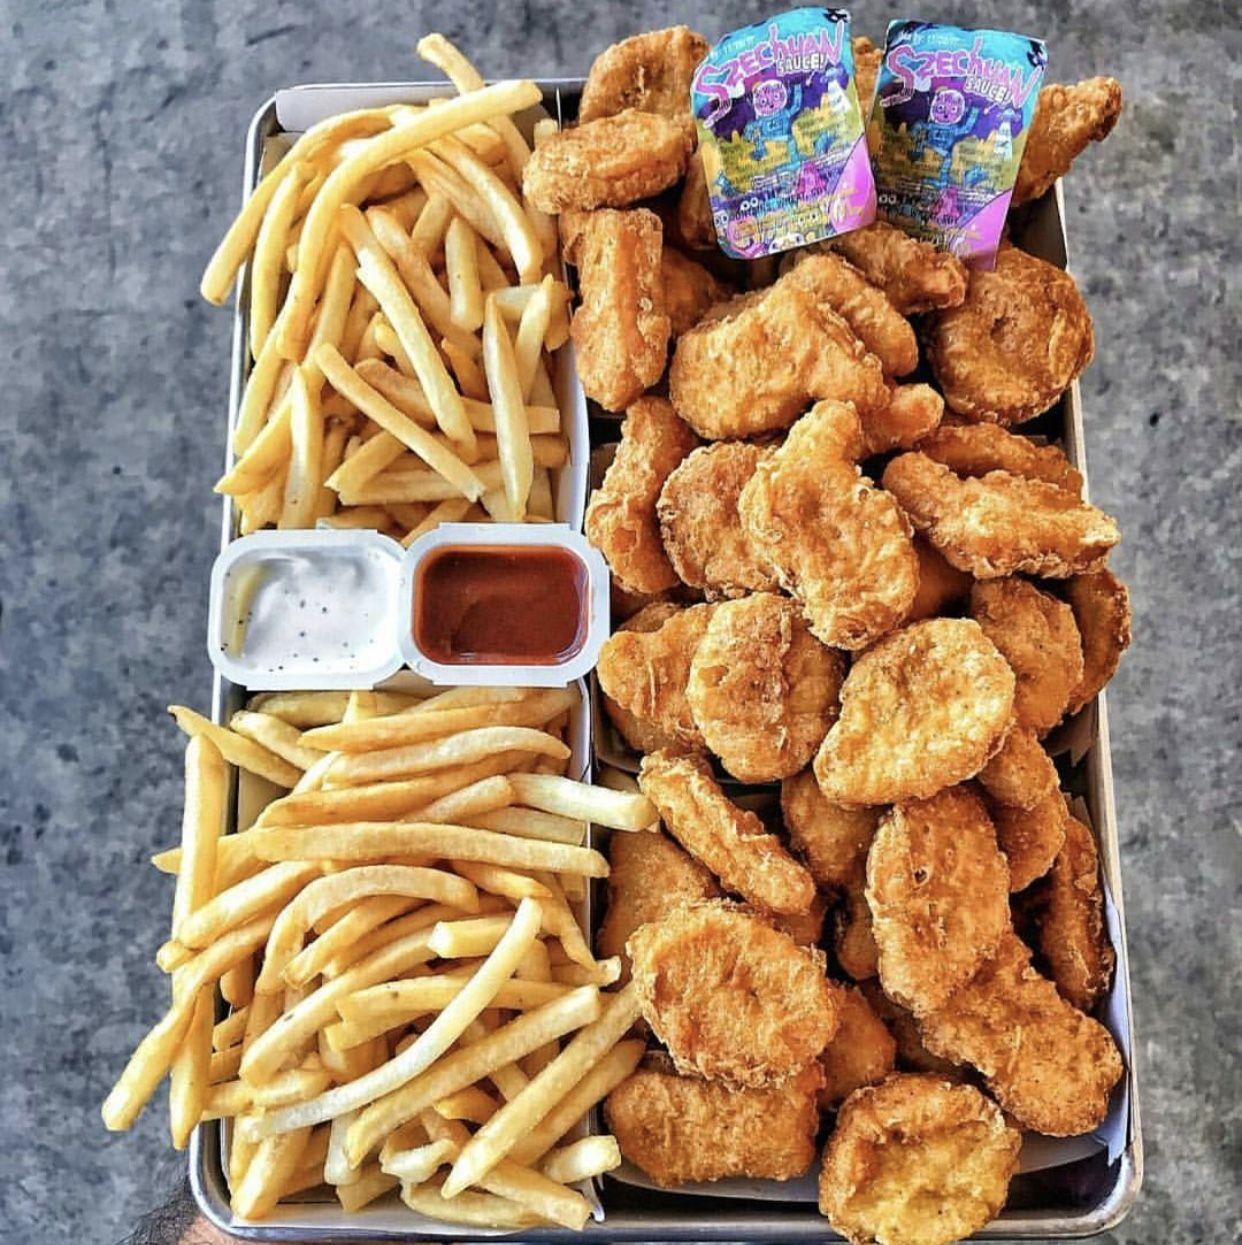 Ebony fast food